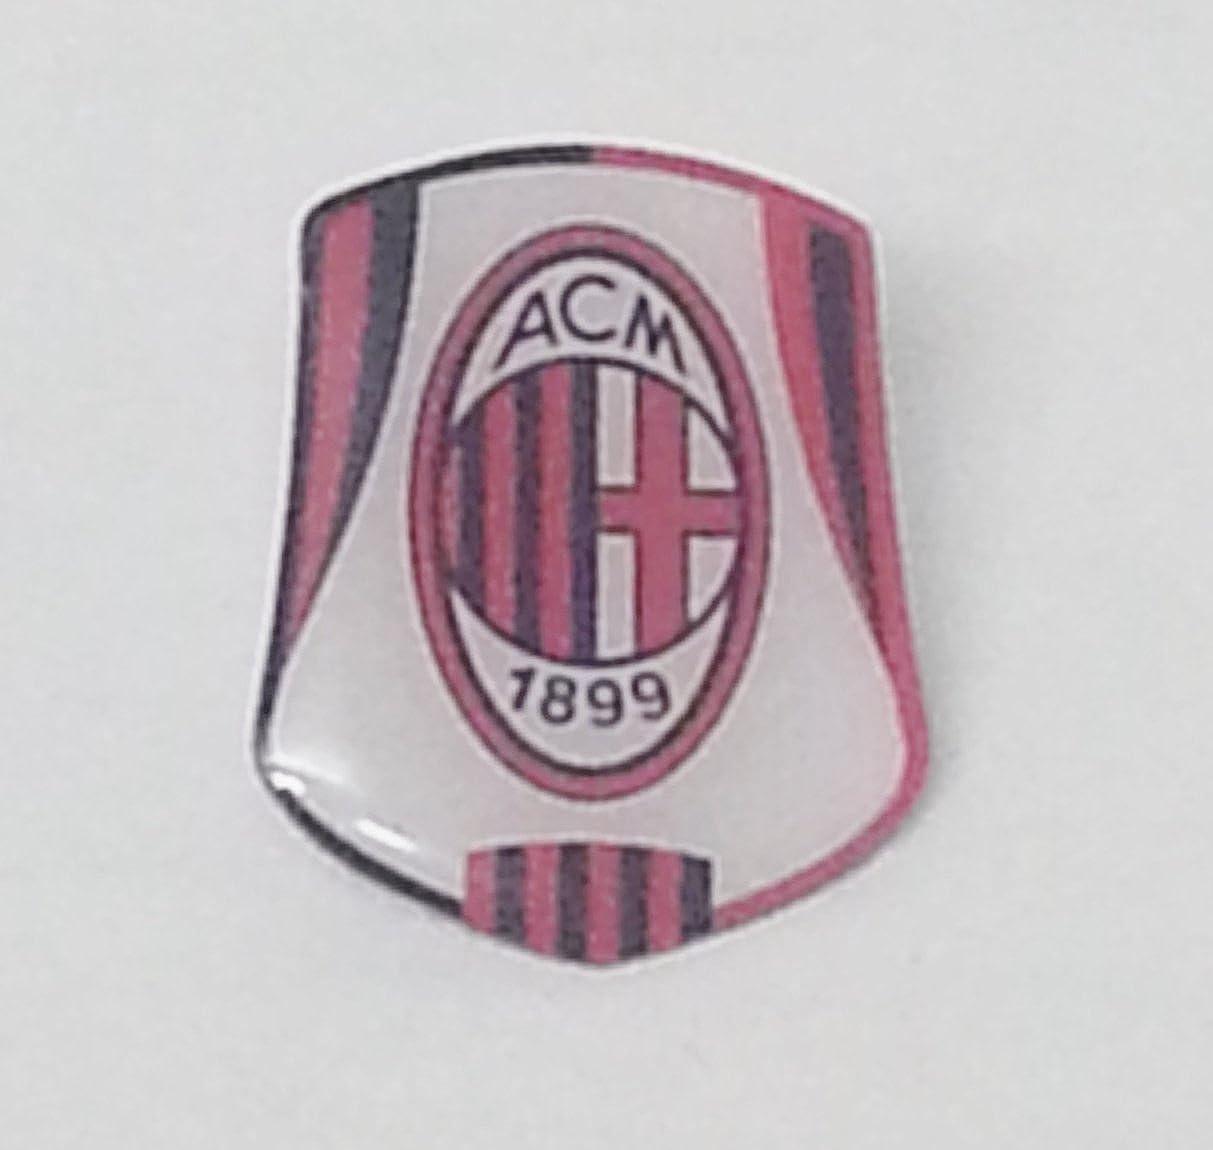 AC Milan FC Pin Badge AC Mailand Logo Pin Club Licensed j32badac